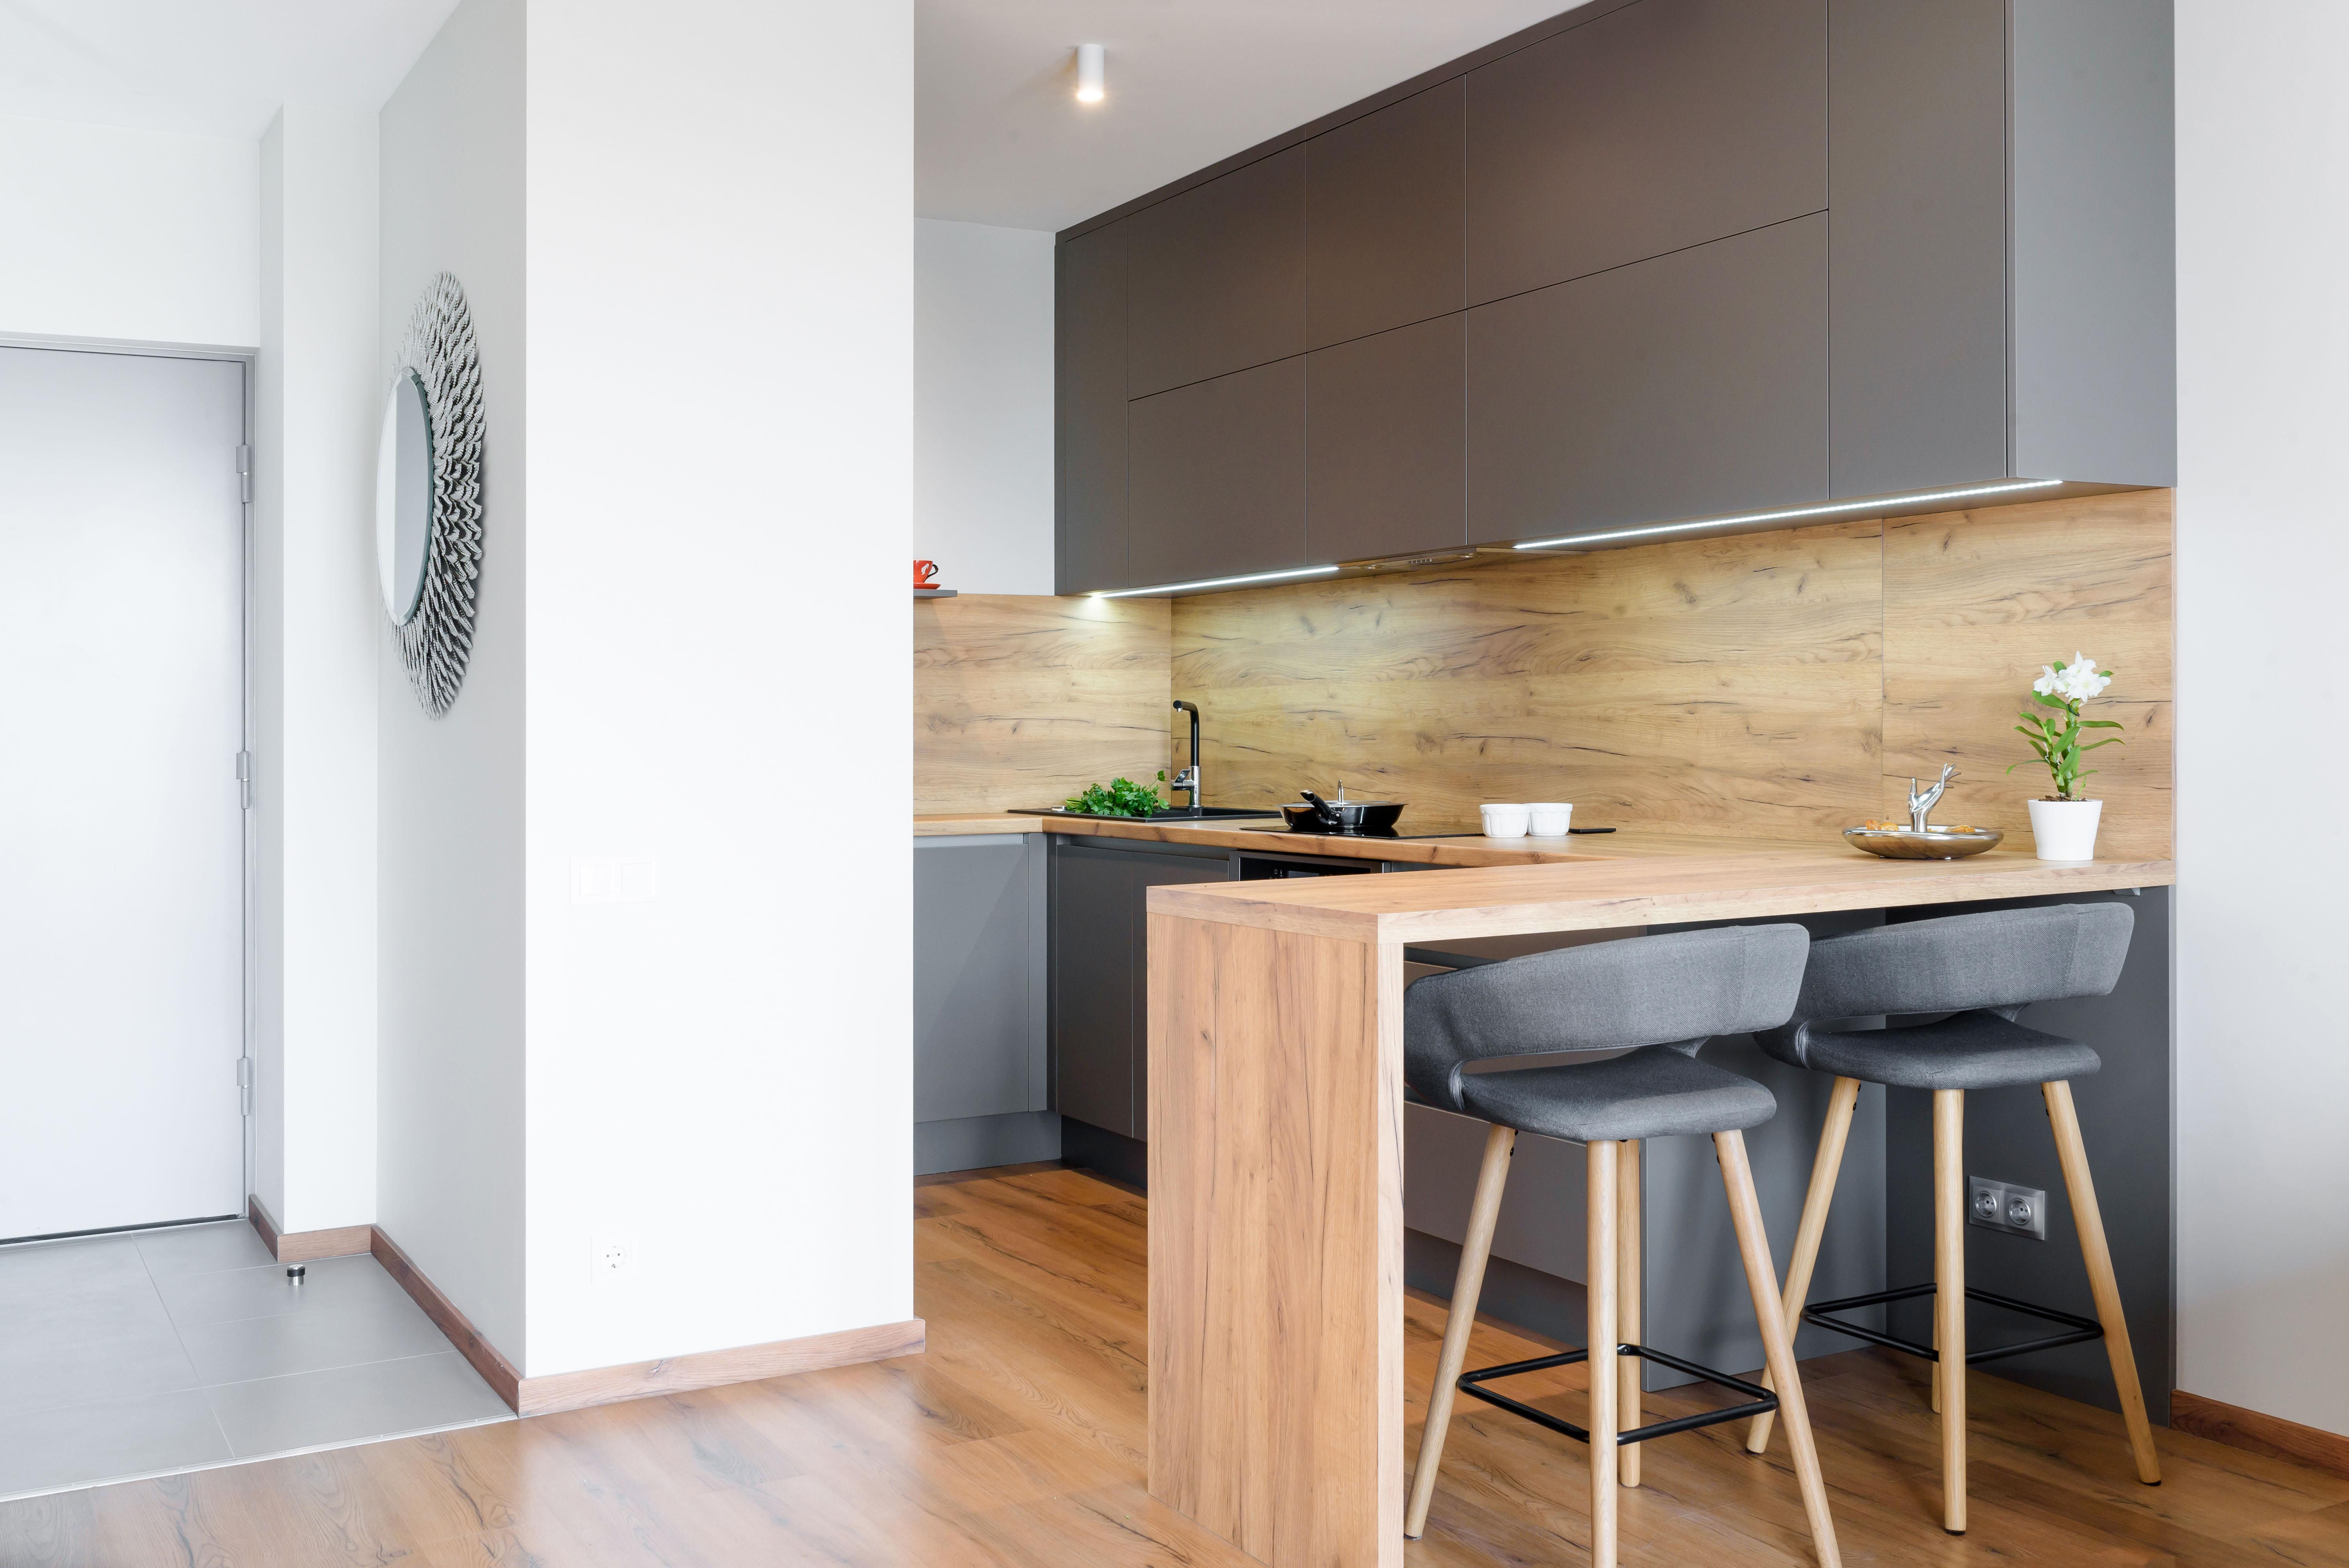 Virtuves mēbeles jaunceltnē | Albero Mēbeles